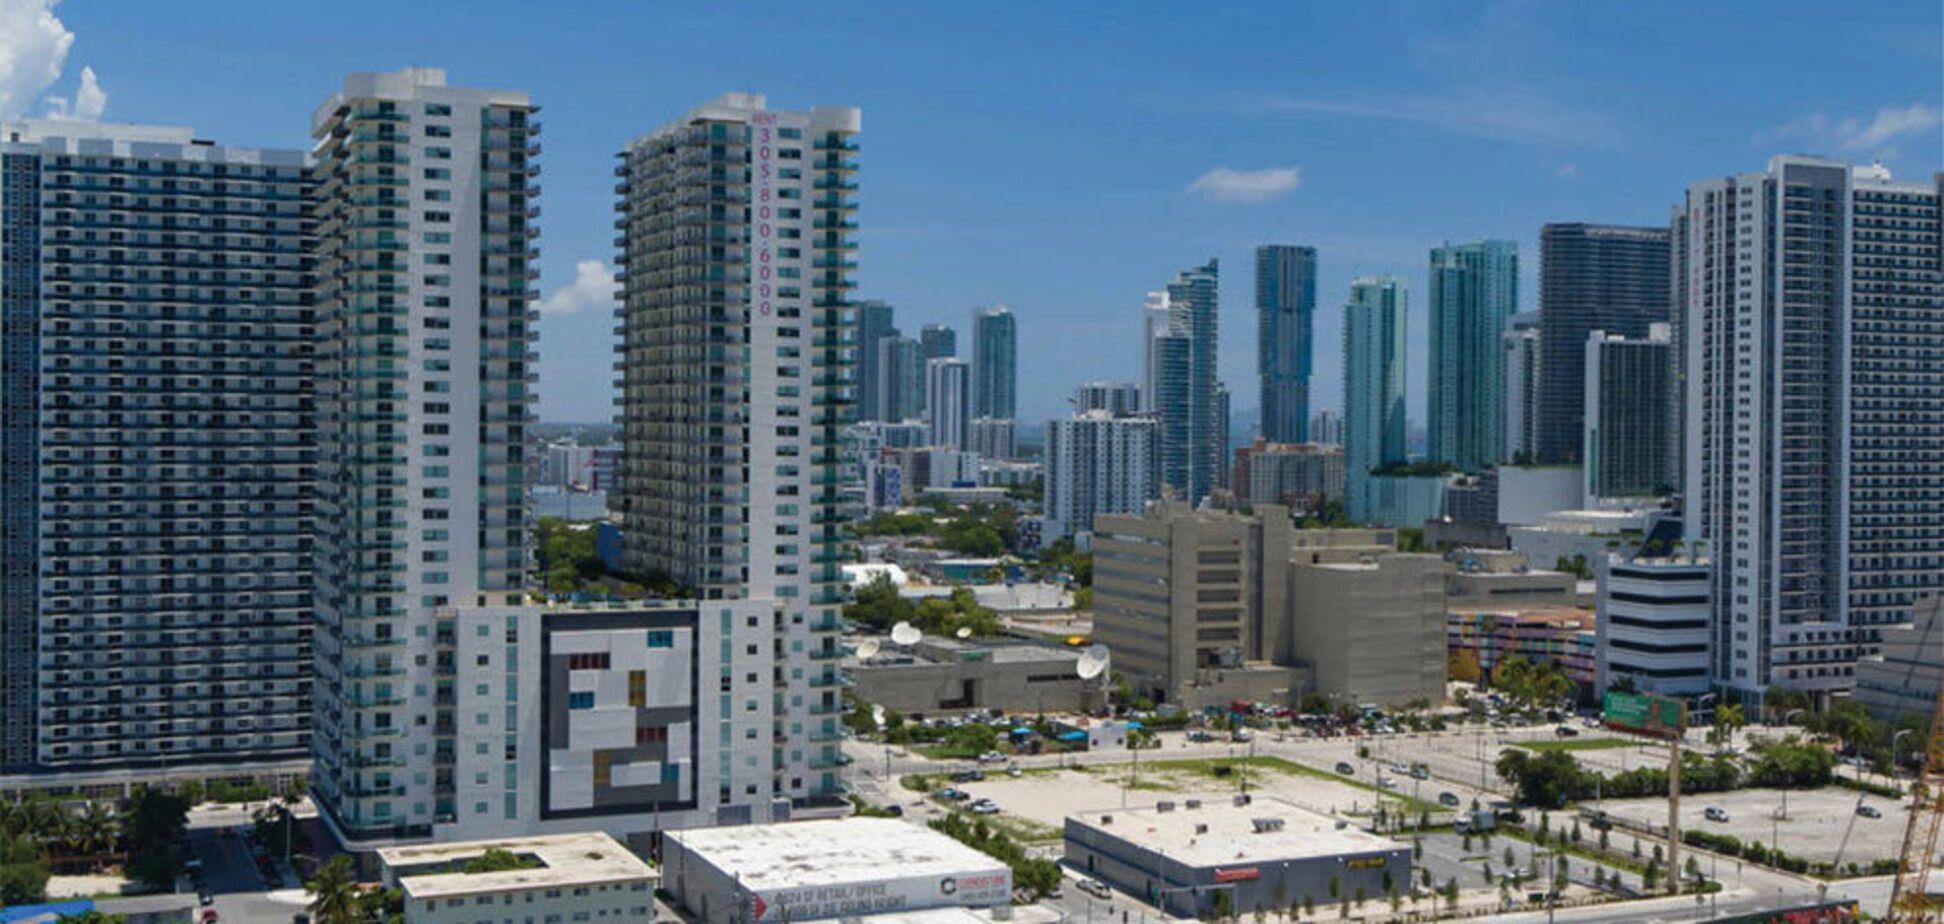 Застройщик элитного жилья в Майами начал принимать криптовалюты